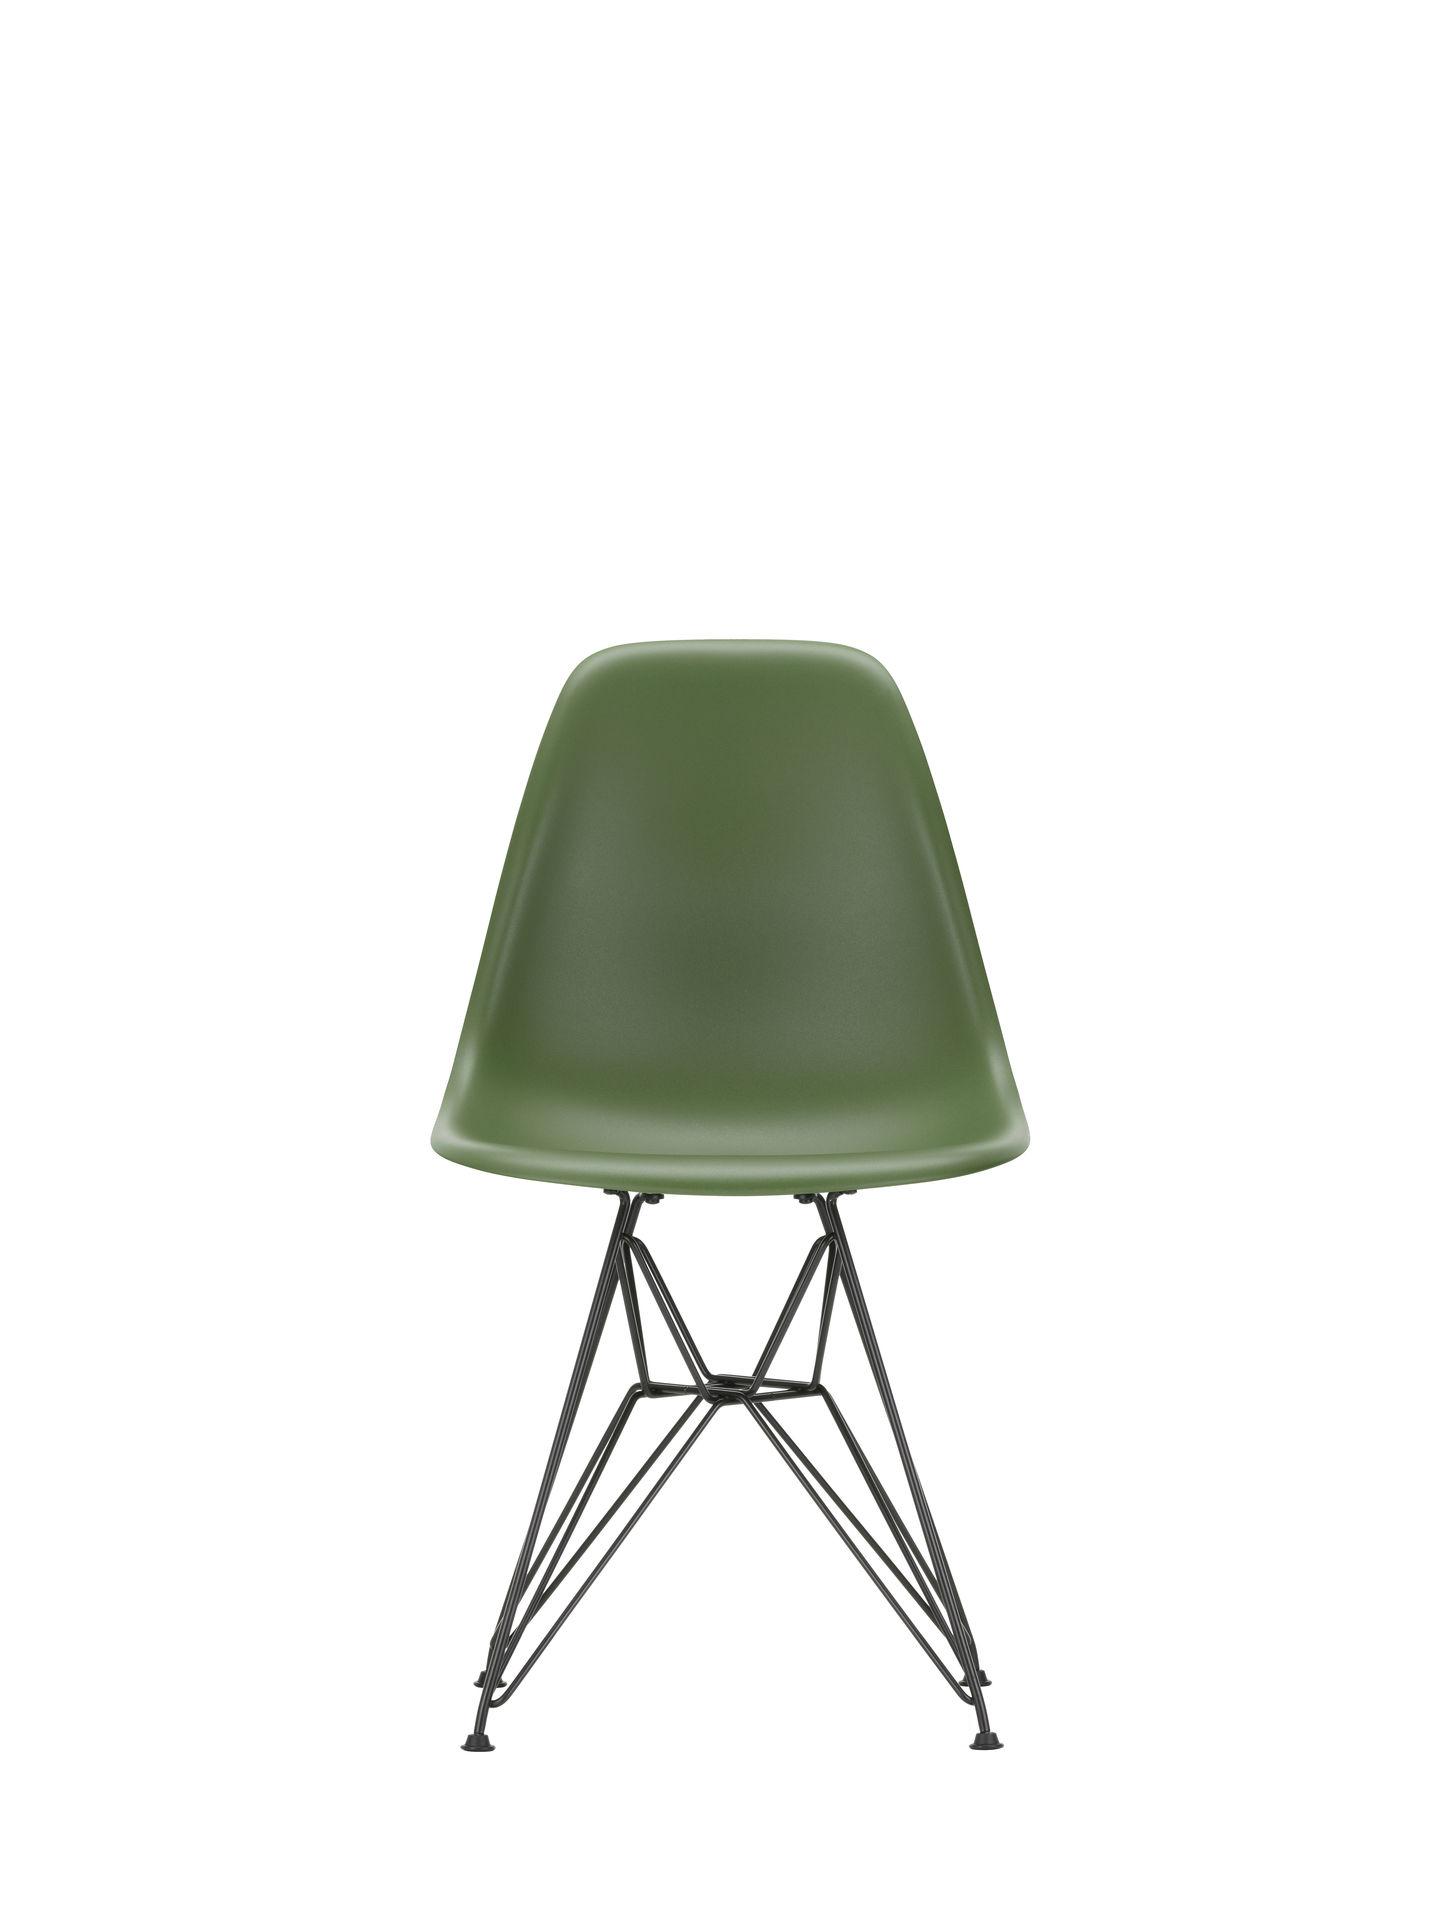 2779130_Eames Plastic Side Chair DSR - 48 forest - 30 basic dark powder-coated - centre_v_fullbleed_1440x.jpg